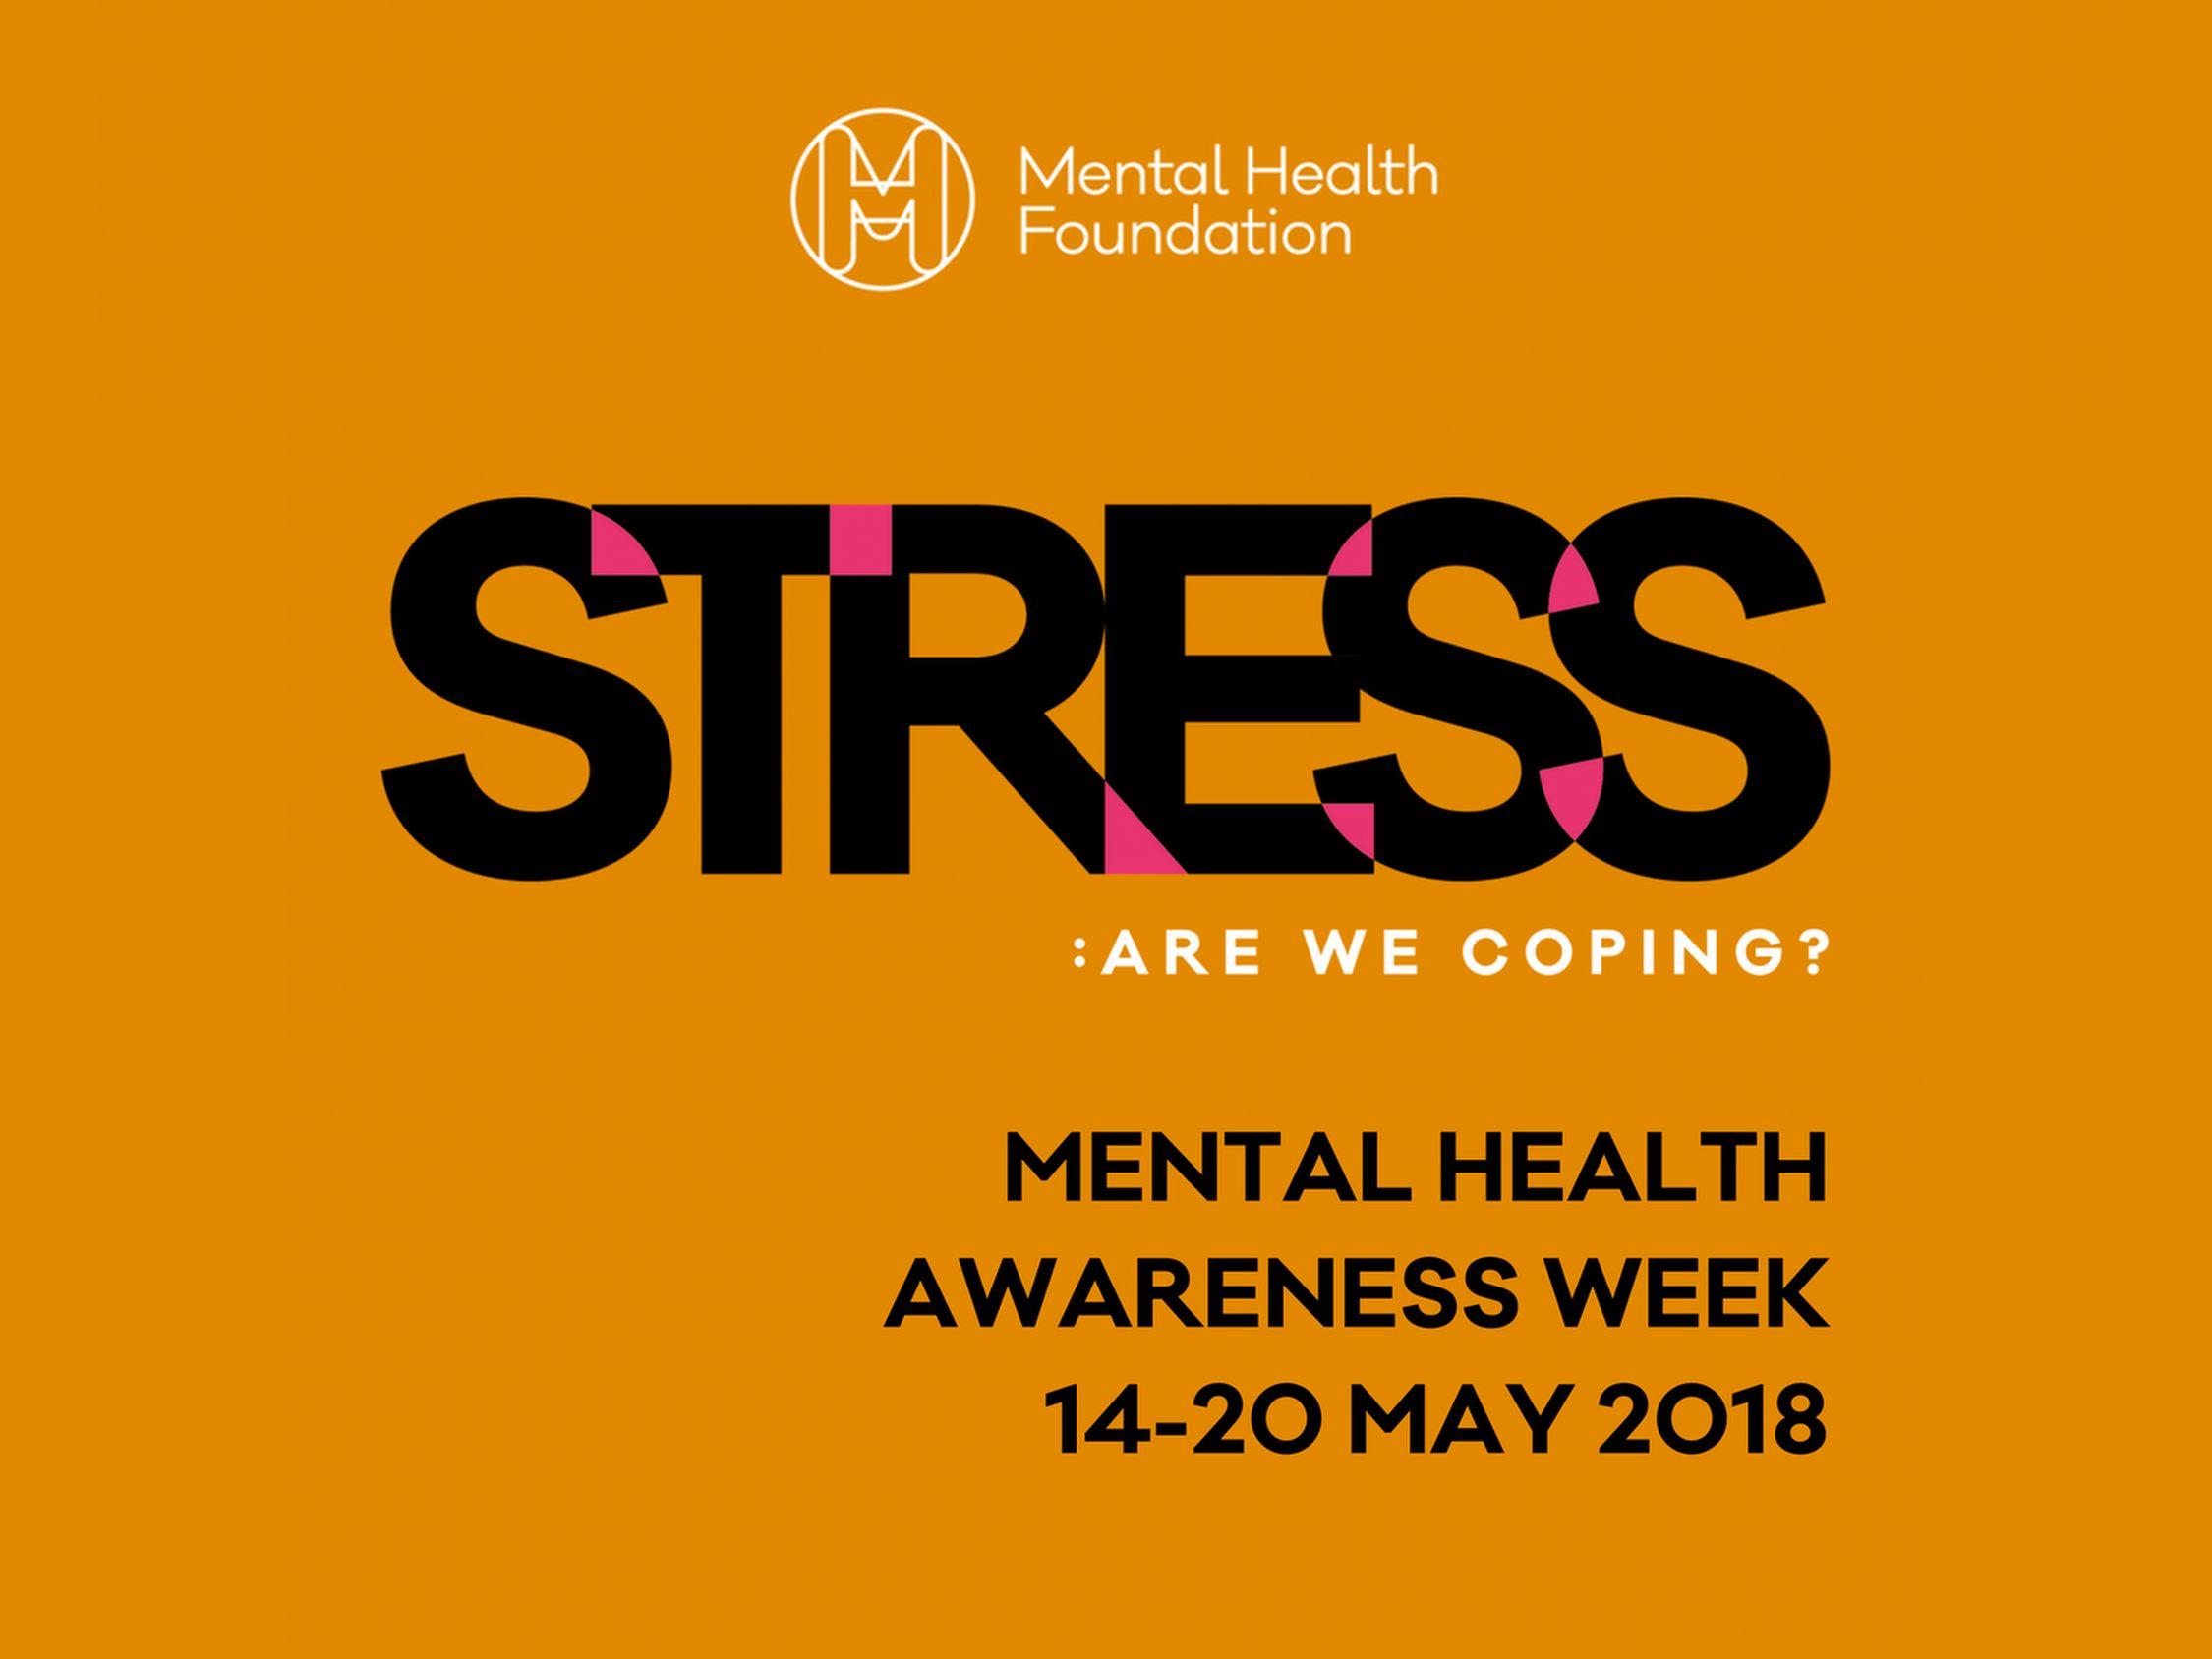 Mental Health Awareness Week, 14-20 May